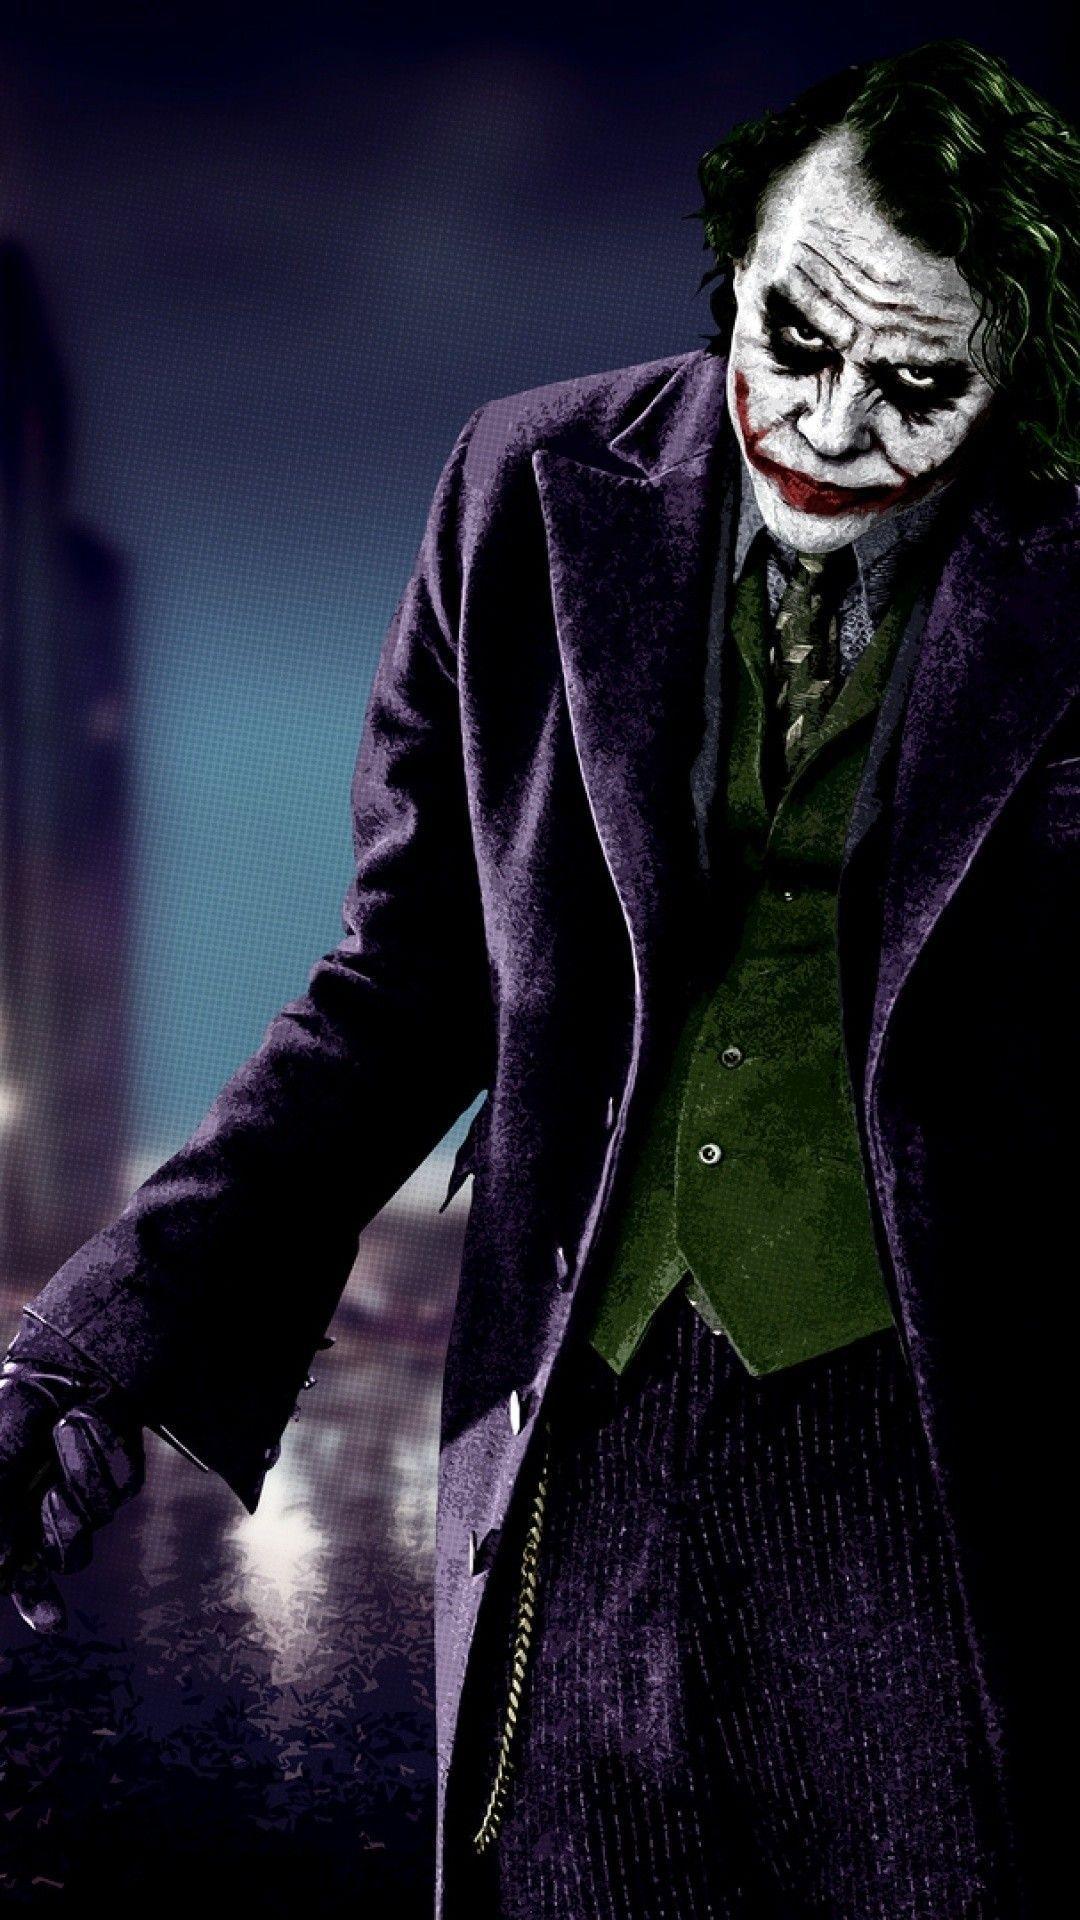 Heath Ledger Android Iphone Desktop Hd Backgrounds Wallpapers 1080p 4k 106709 Hdwallpapers Androidwallpap Joker Wallpapers Joker Images Joker Art